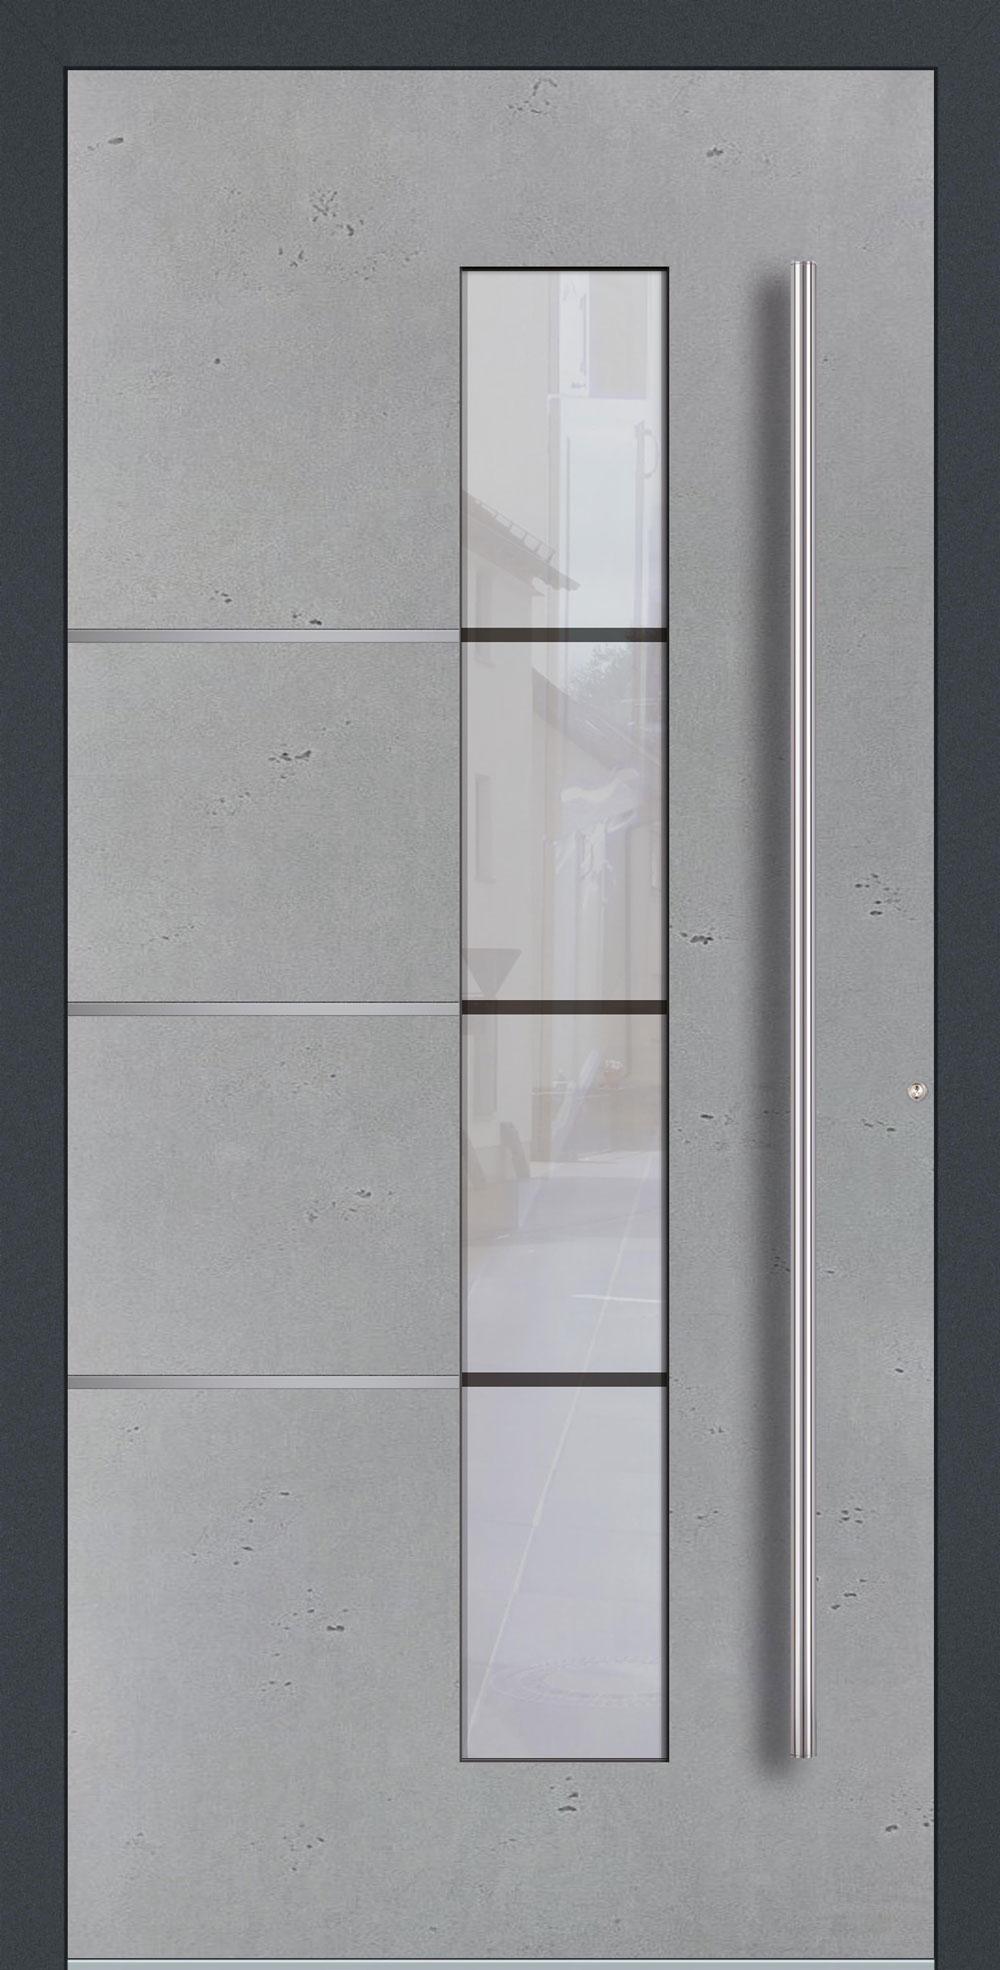 BEG01 ISO-Wärmeschutzverglasung Float mattiert mit klaren Streifen Betonoptik Vintage mit Echtschiefer- Applikation & Streifen in Edelstahl-Optik einseitig außen Anwendungsbeispiel in flügelüberdeckend, Edelstahlgriff 1200 ES